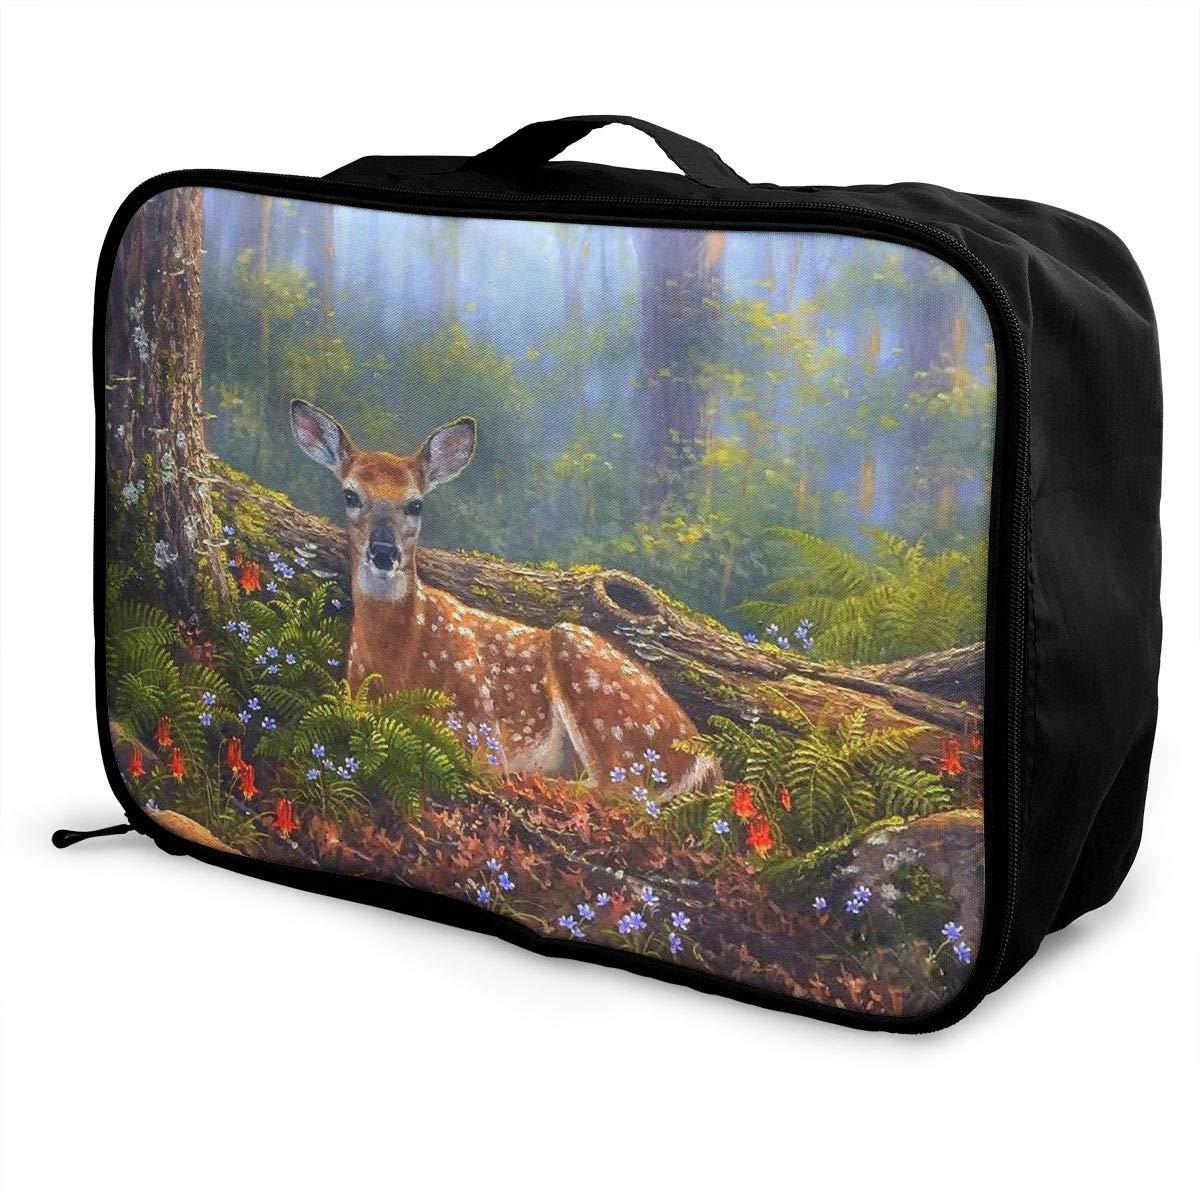 Travel Luggage Duffle Bag Lightweight Portable Handbag Deer Pattern Large Capacity Waterproof Foldable Storage Tote